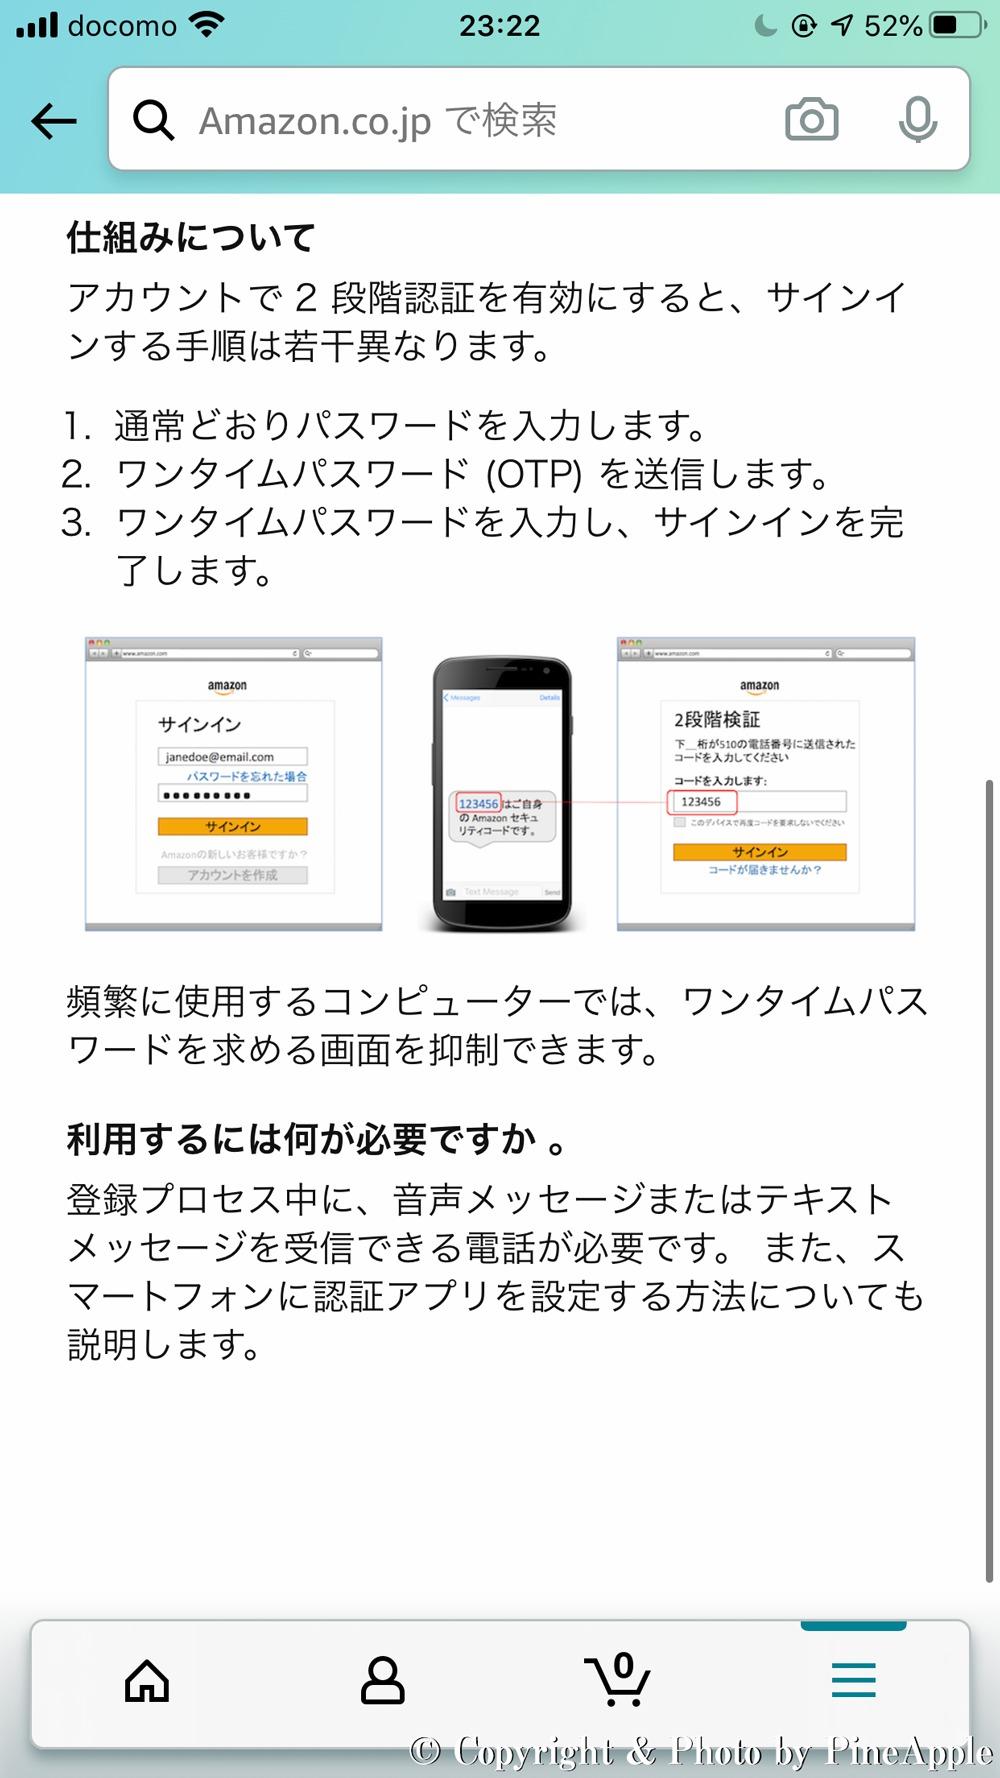 Amazon アカウントの 2 段階認証設定:2 段階認証(2 SV)設定後のサインイン方